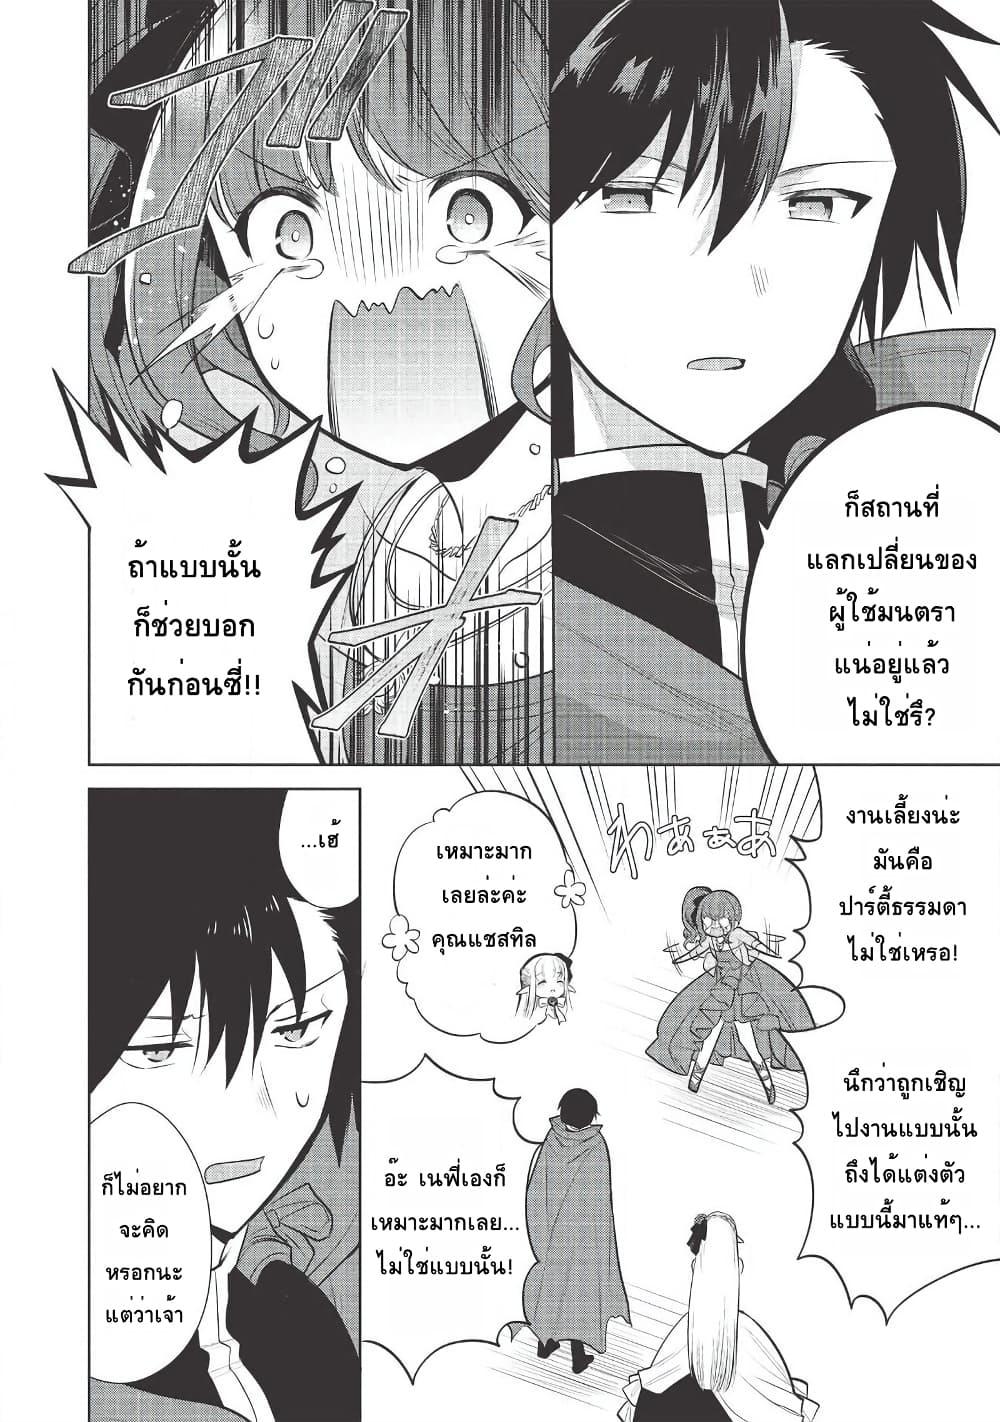 อ่านการ์ตูน Maou no Ore ga Dorei Elf wo Yome ni Shitanda ga Dou Medereba Ii ตอนที่ 27 หน้าที่ 23